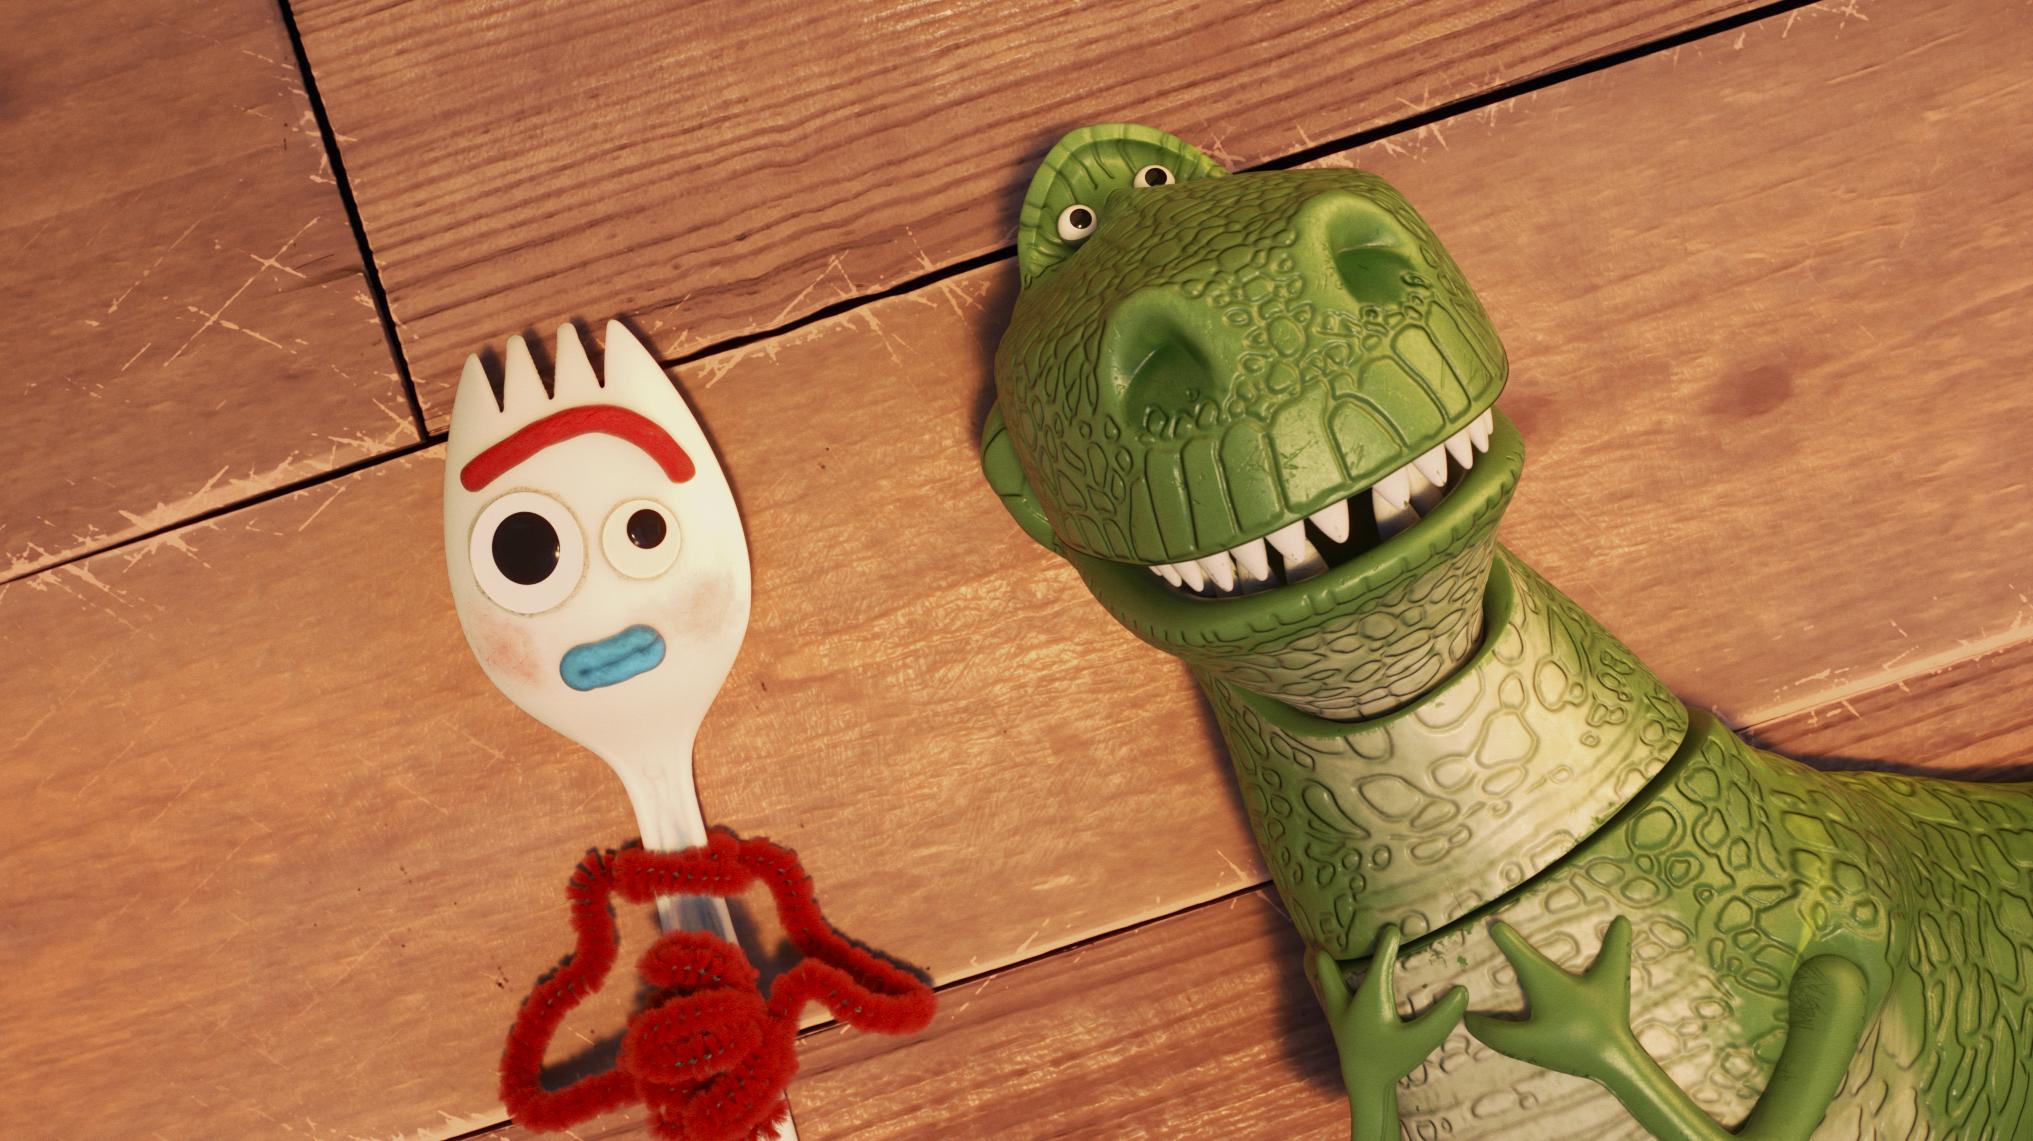 Pixar/Disney+